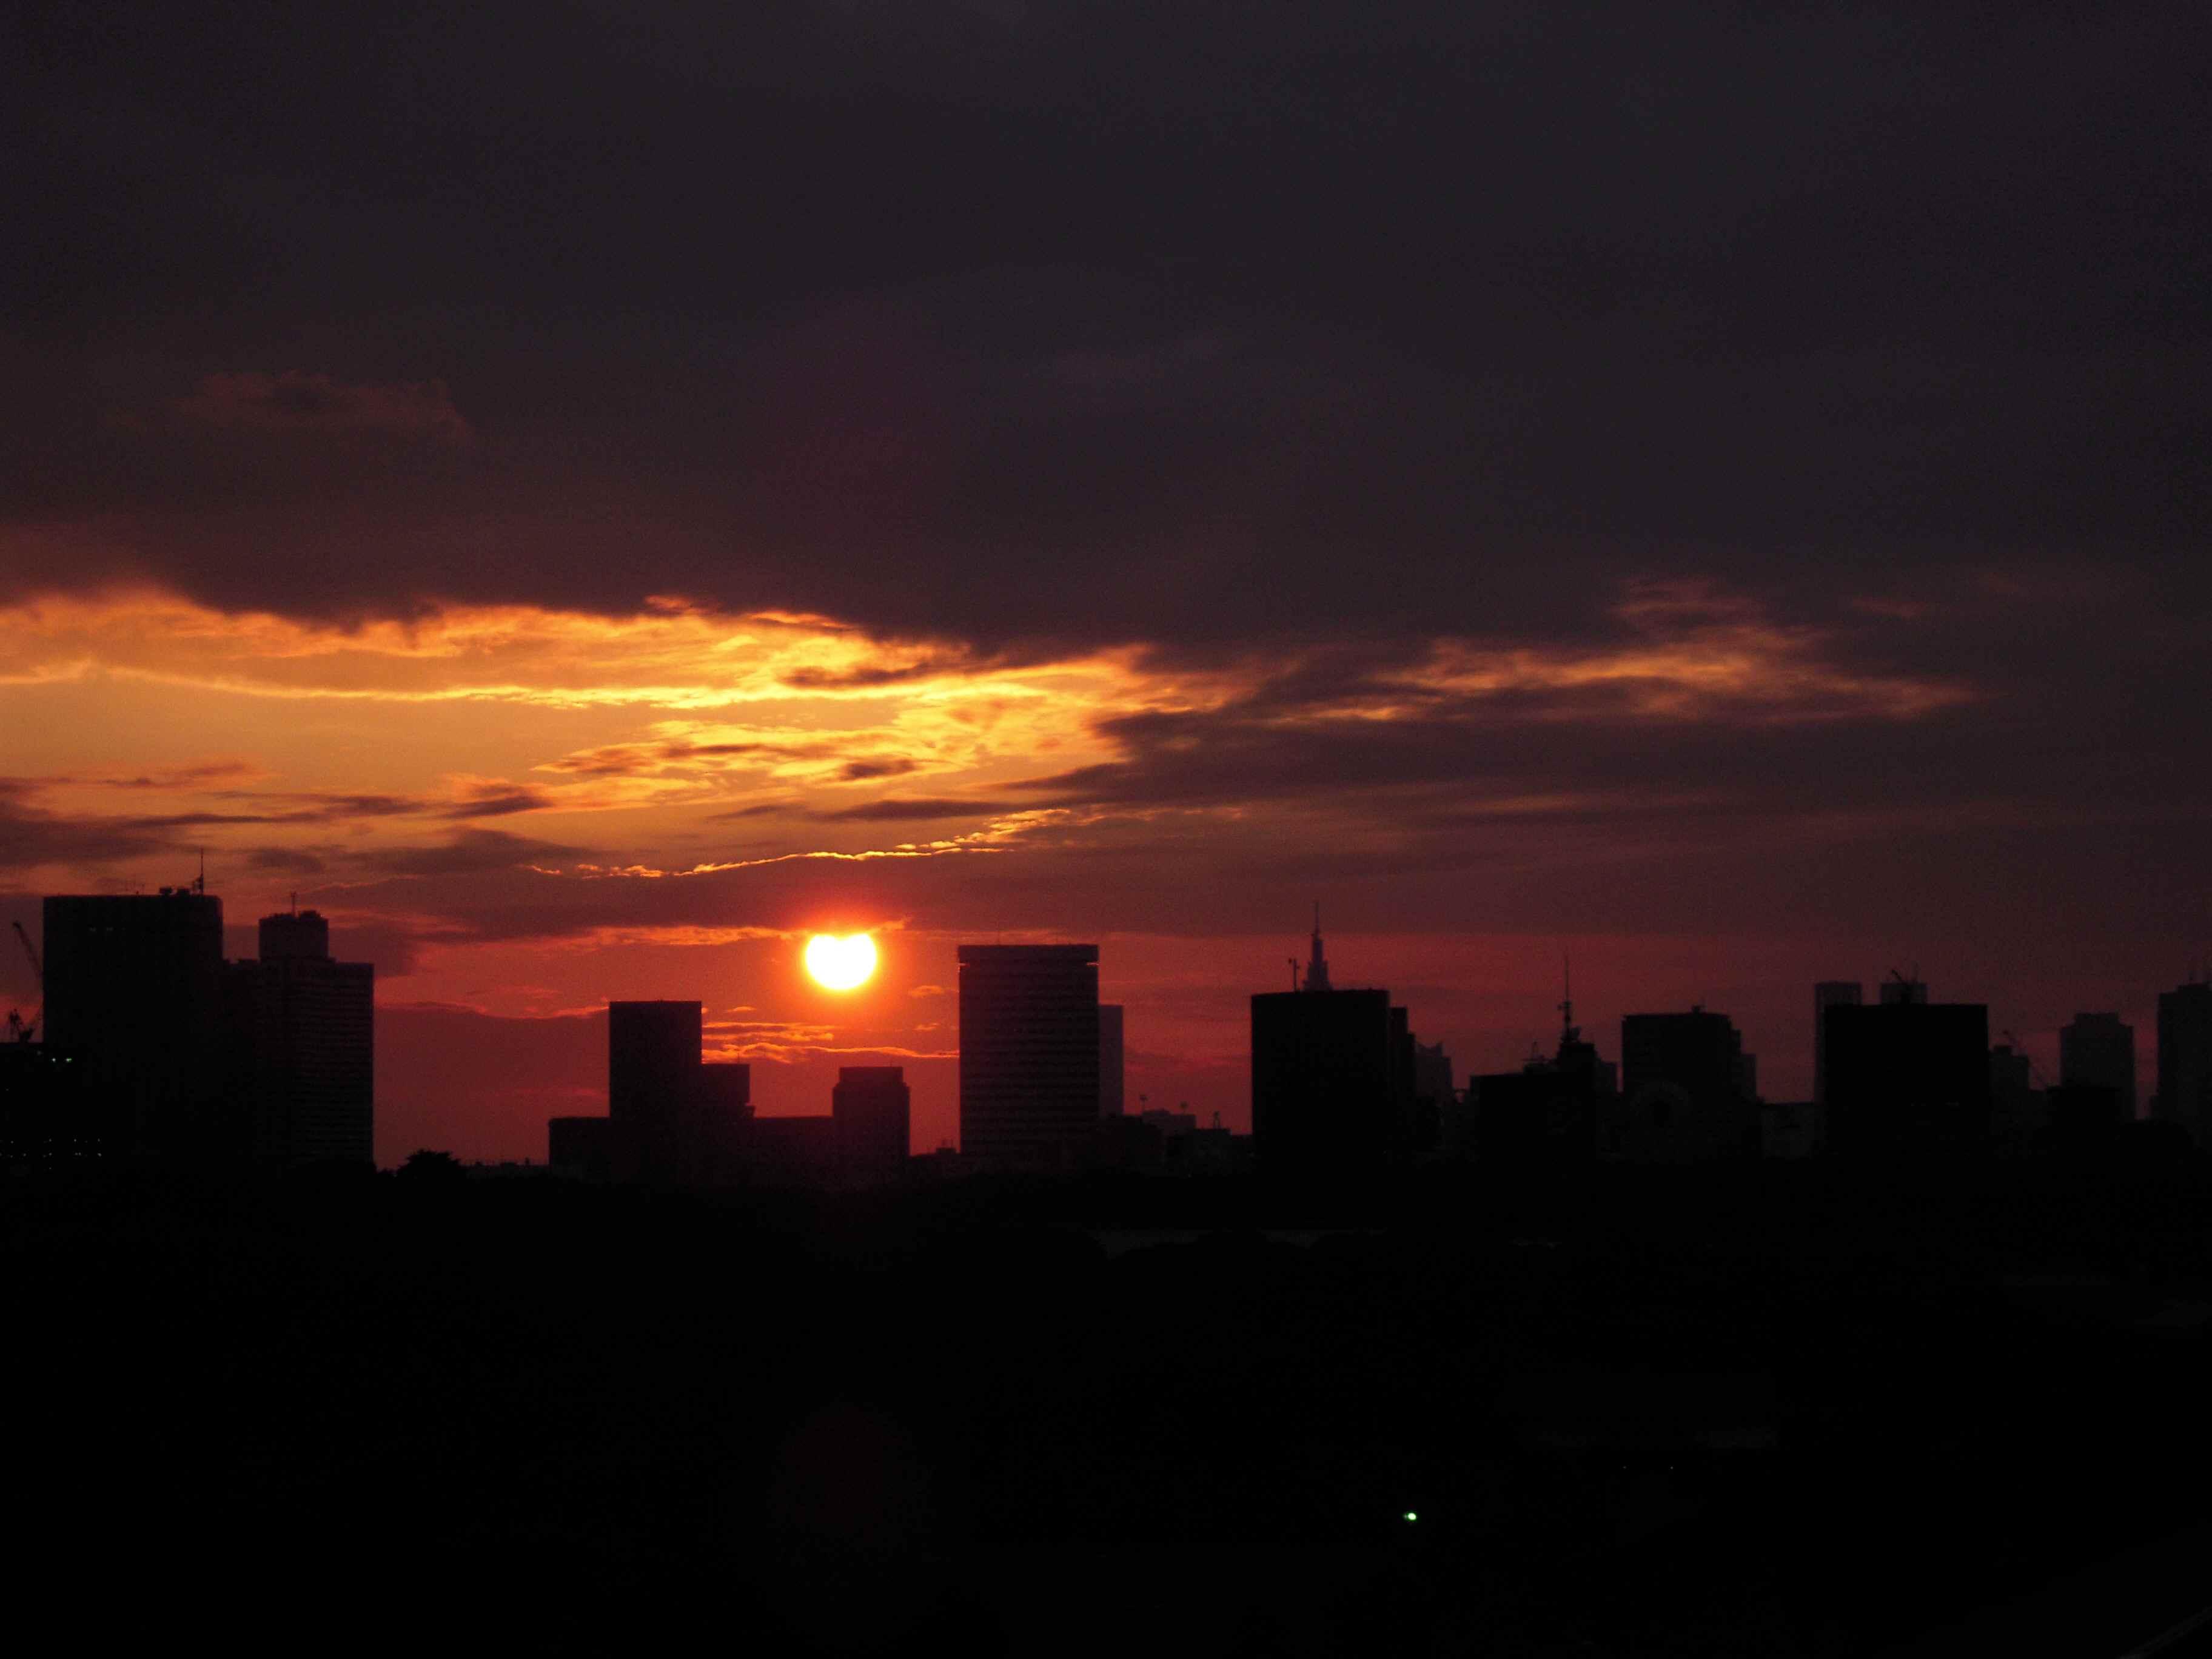 鈍(にび)色と夕日_d0135762_22285822.jpg